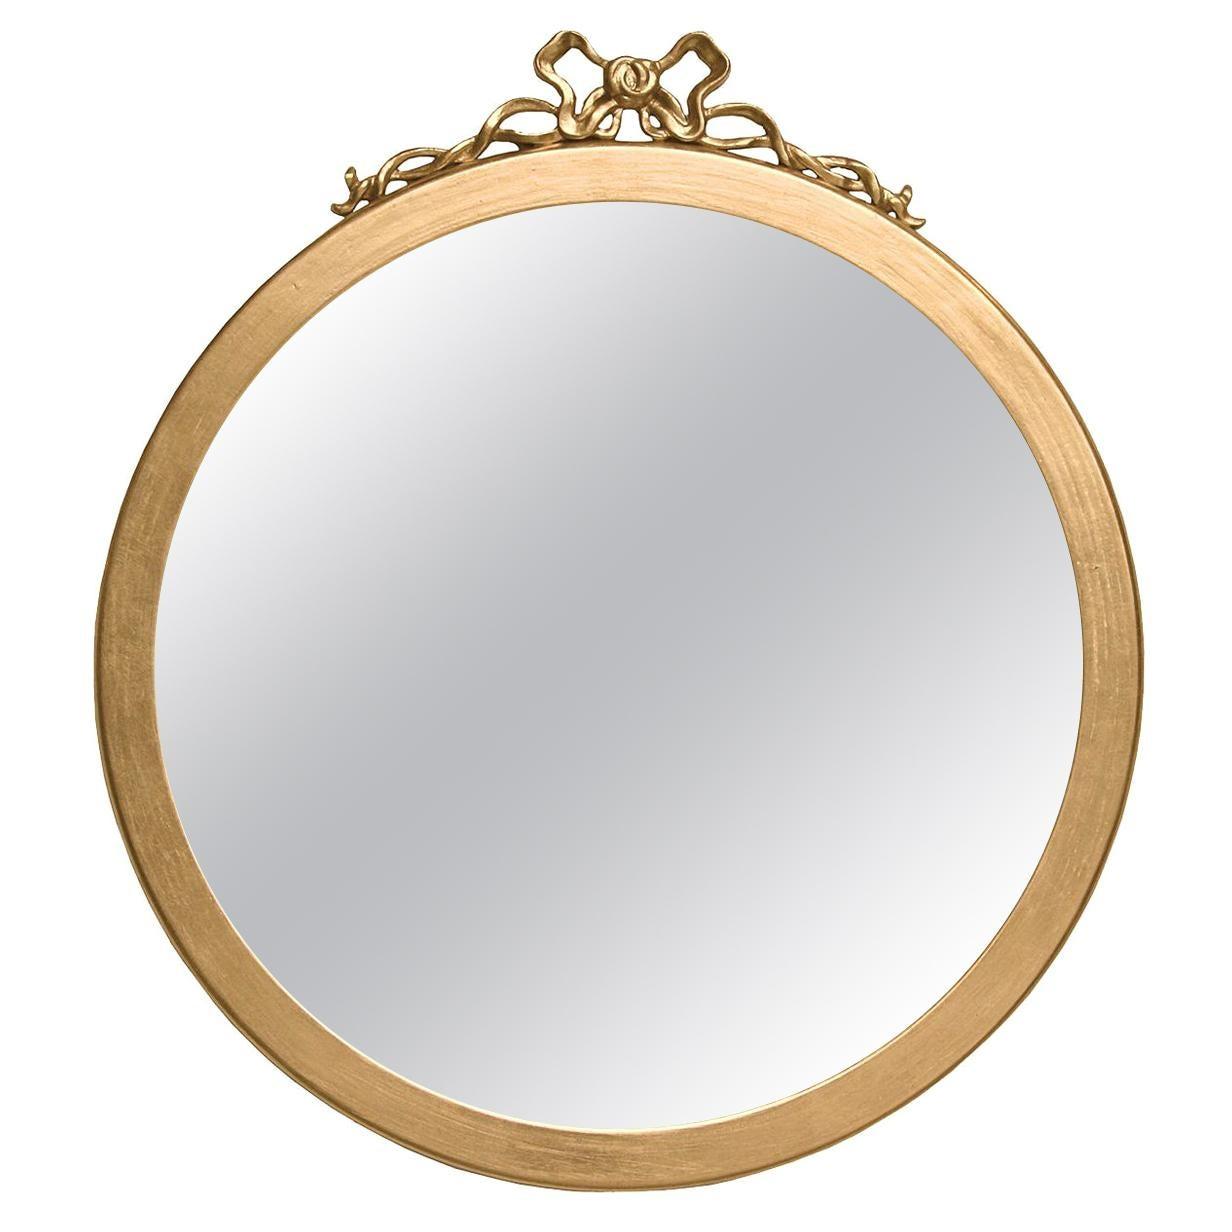 Round Mirror with Gold Leaf